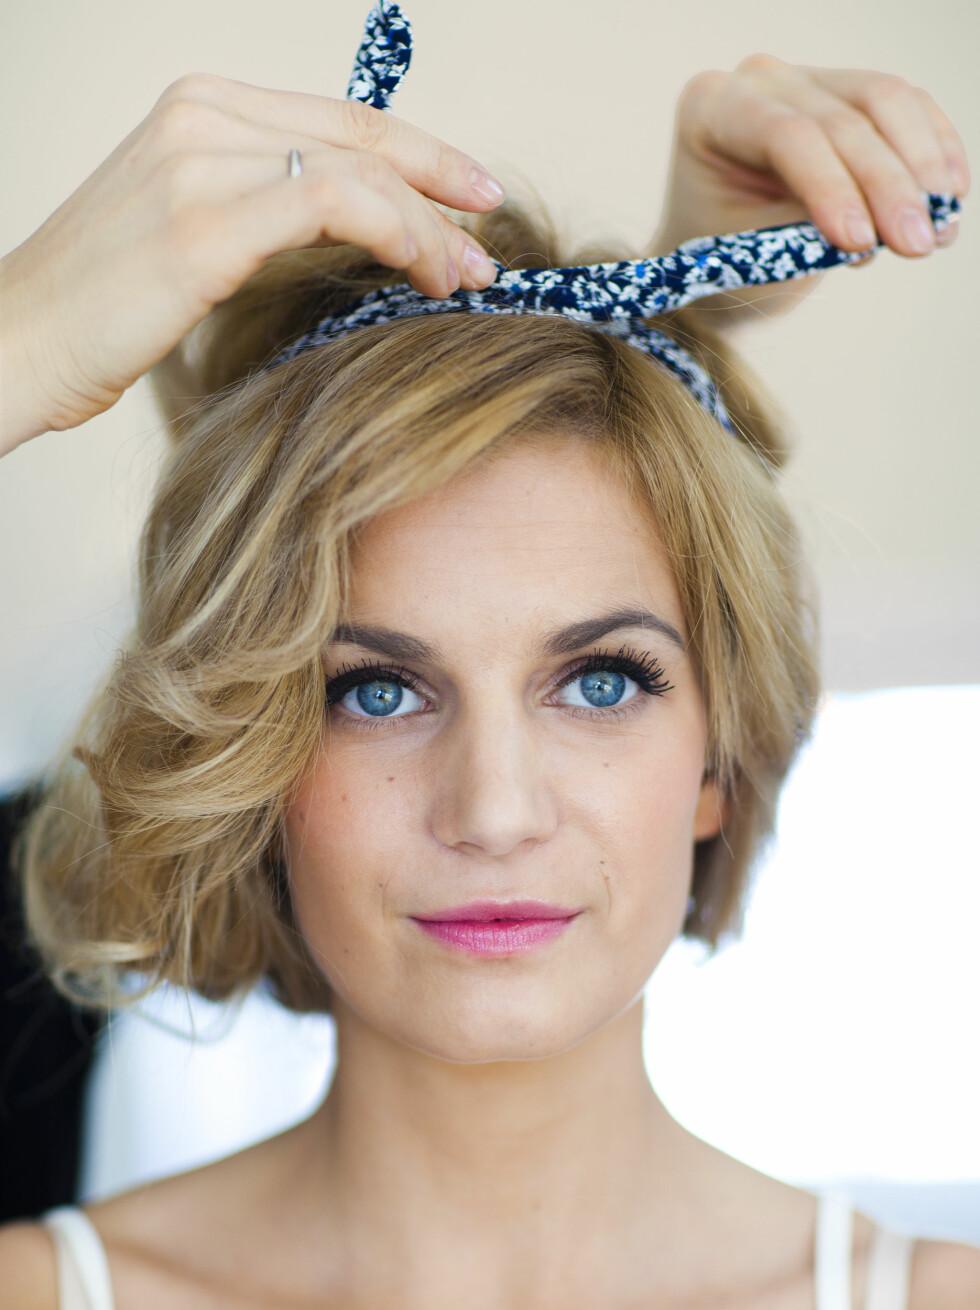 3 Knyt på toppen, og la noe av håret falle ned på siden. Avslutt med hårspray. Foto: Astrid Waller